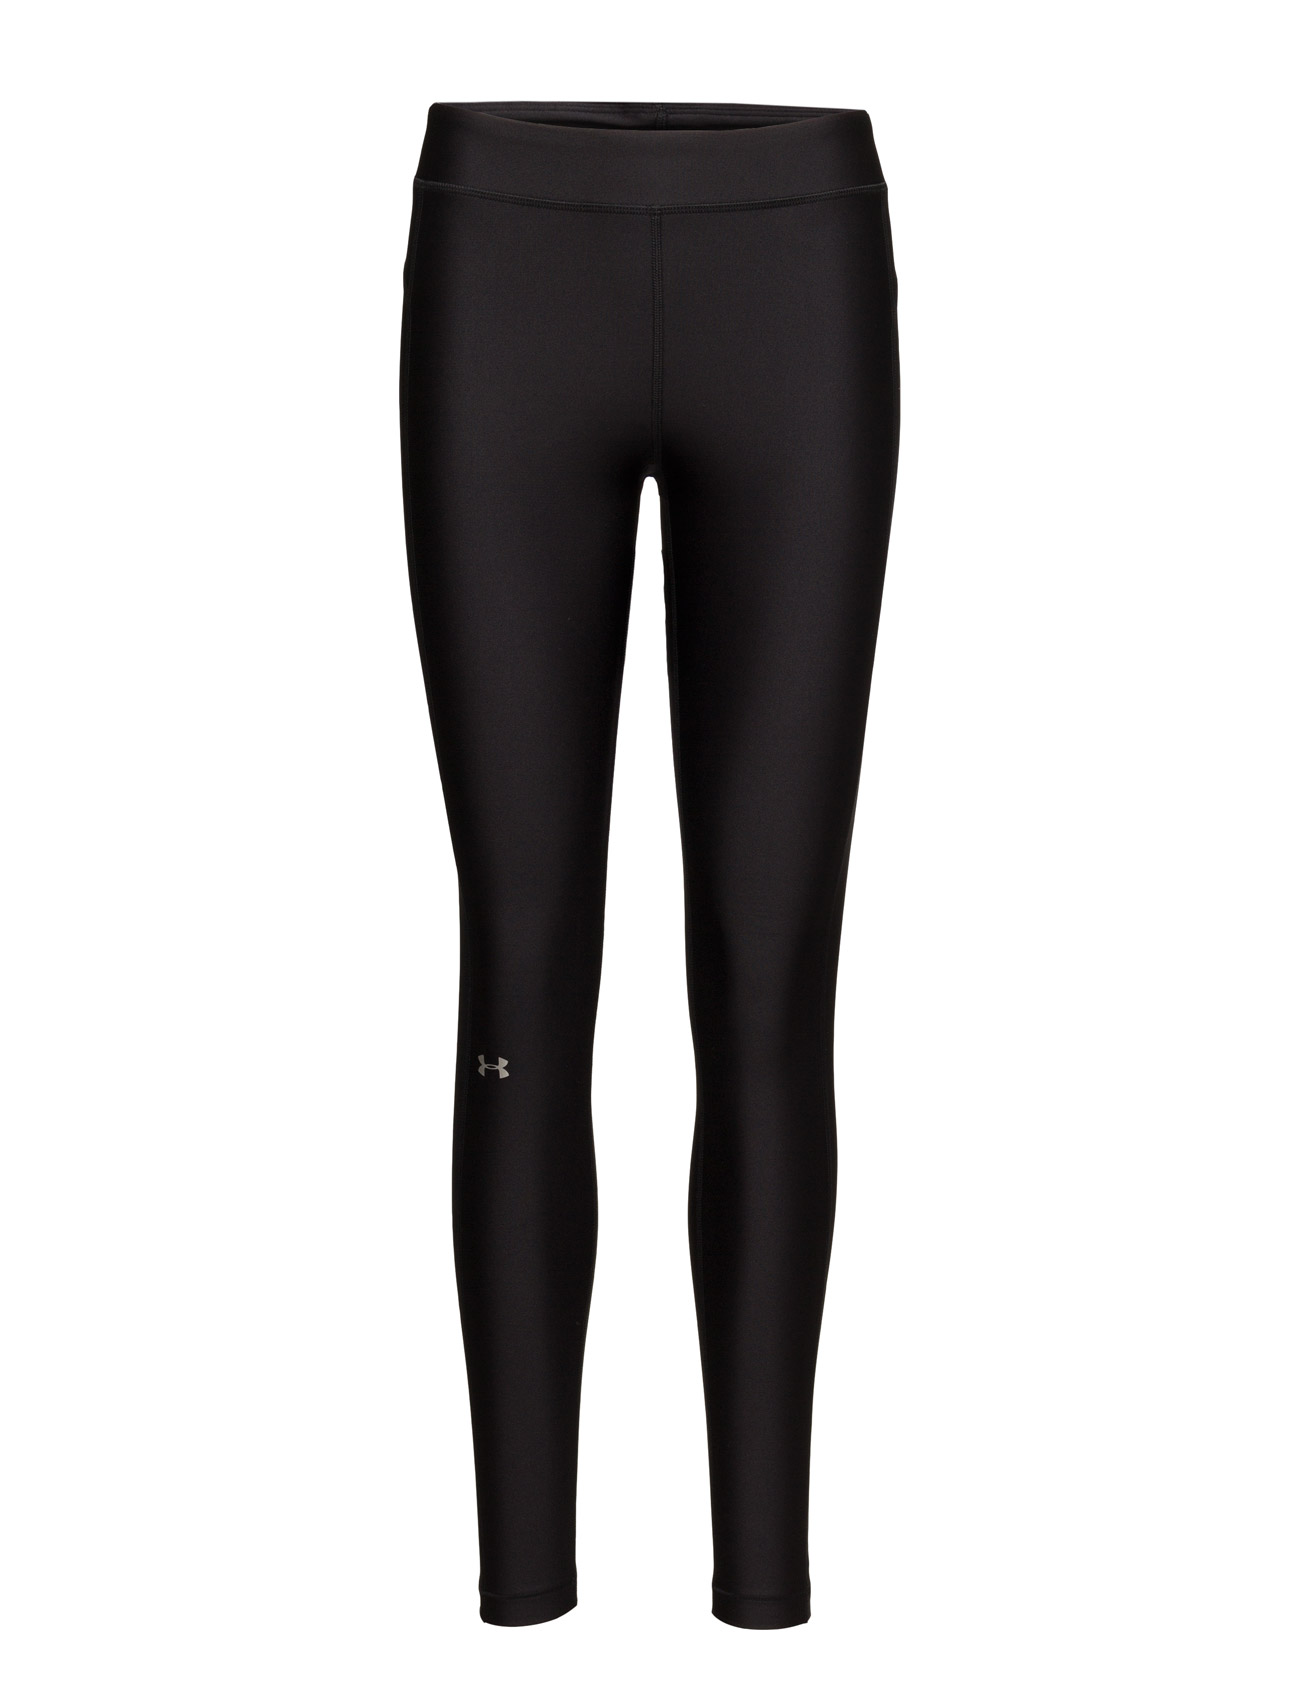 Ua Hg Armour Legging Under Armour Trænings leggings til Damer i